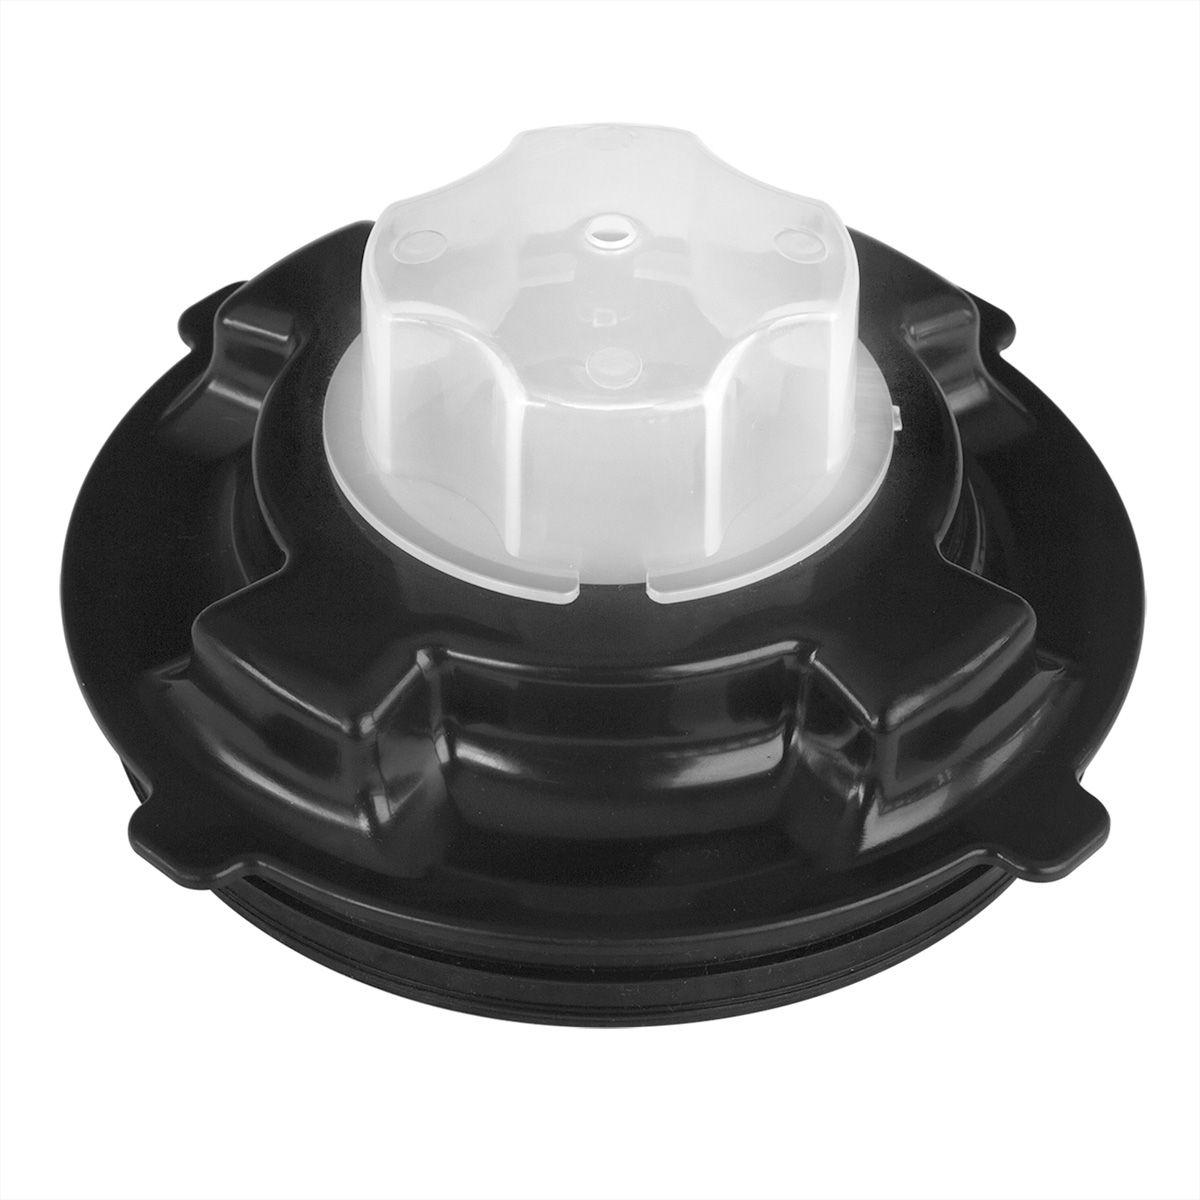 Liquidificador Industrial Spolu Millior 1.75 Litro Inox Alta Rotação 220v